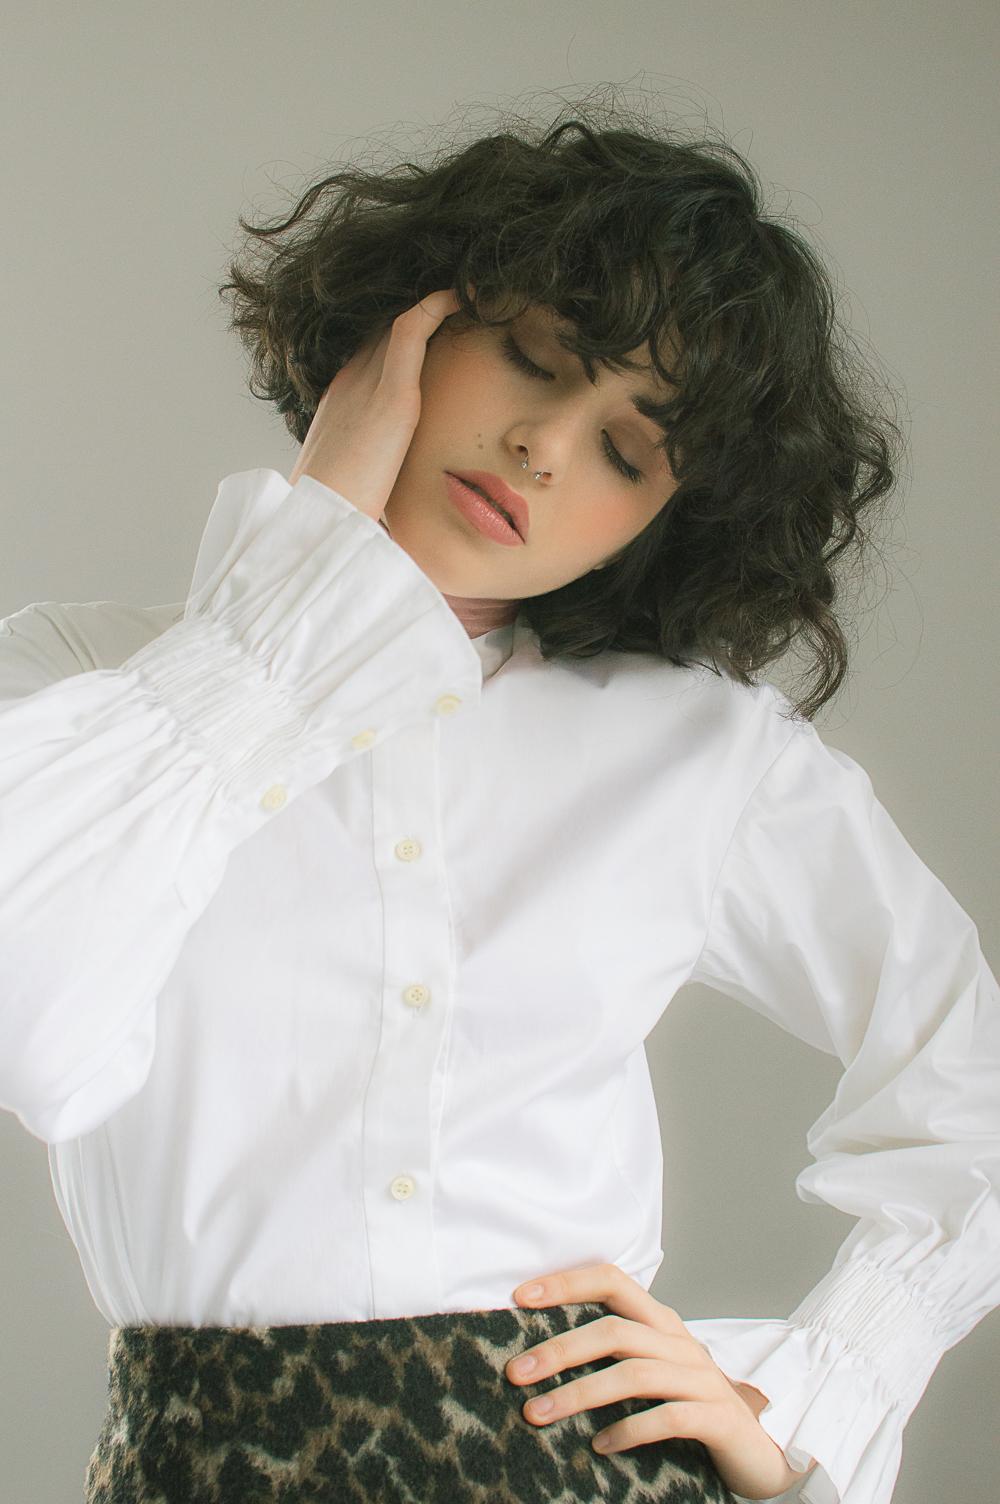 Irene - M+P Models